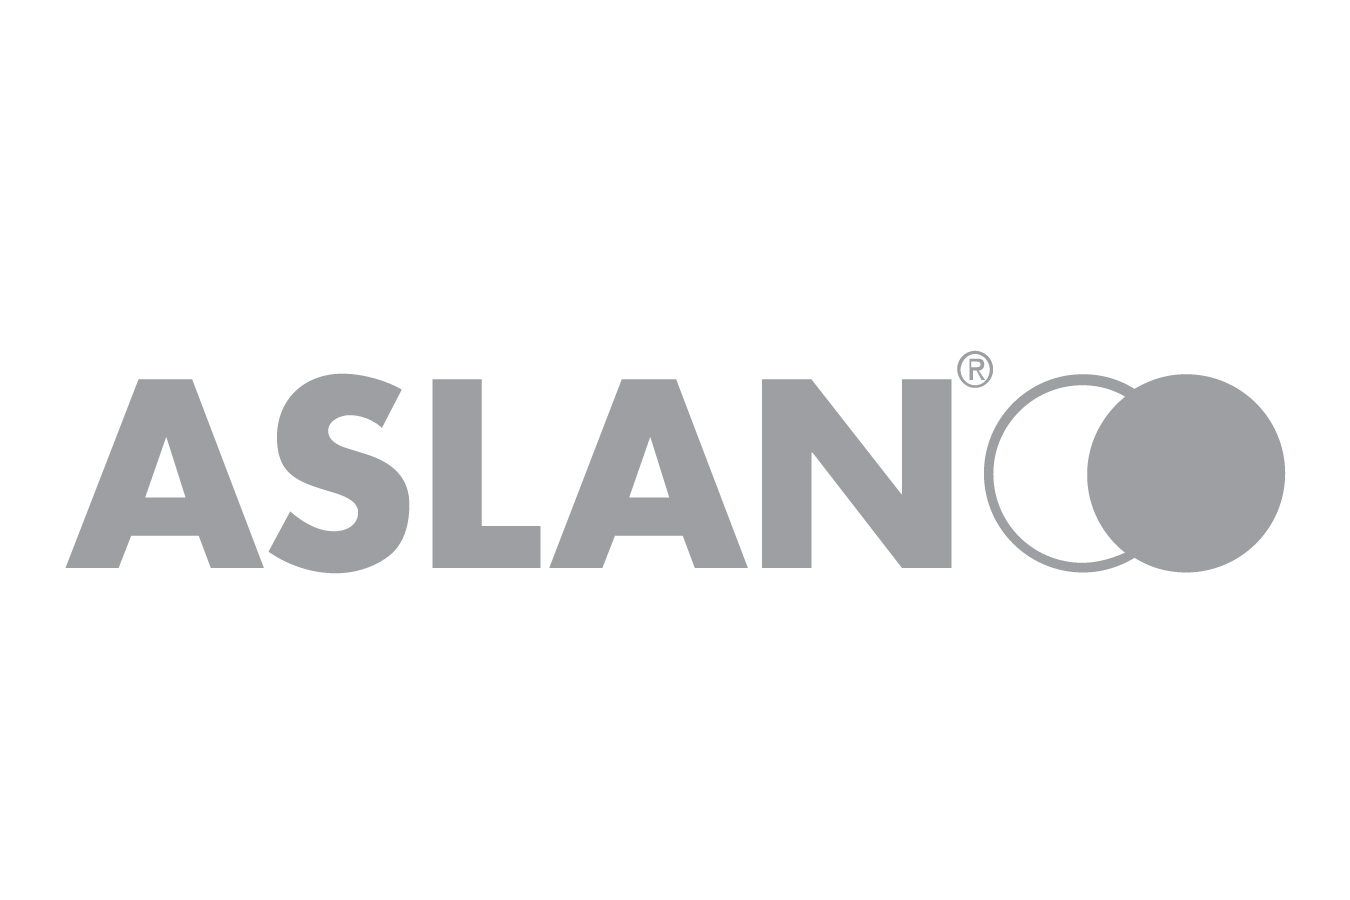 ASLAN logo